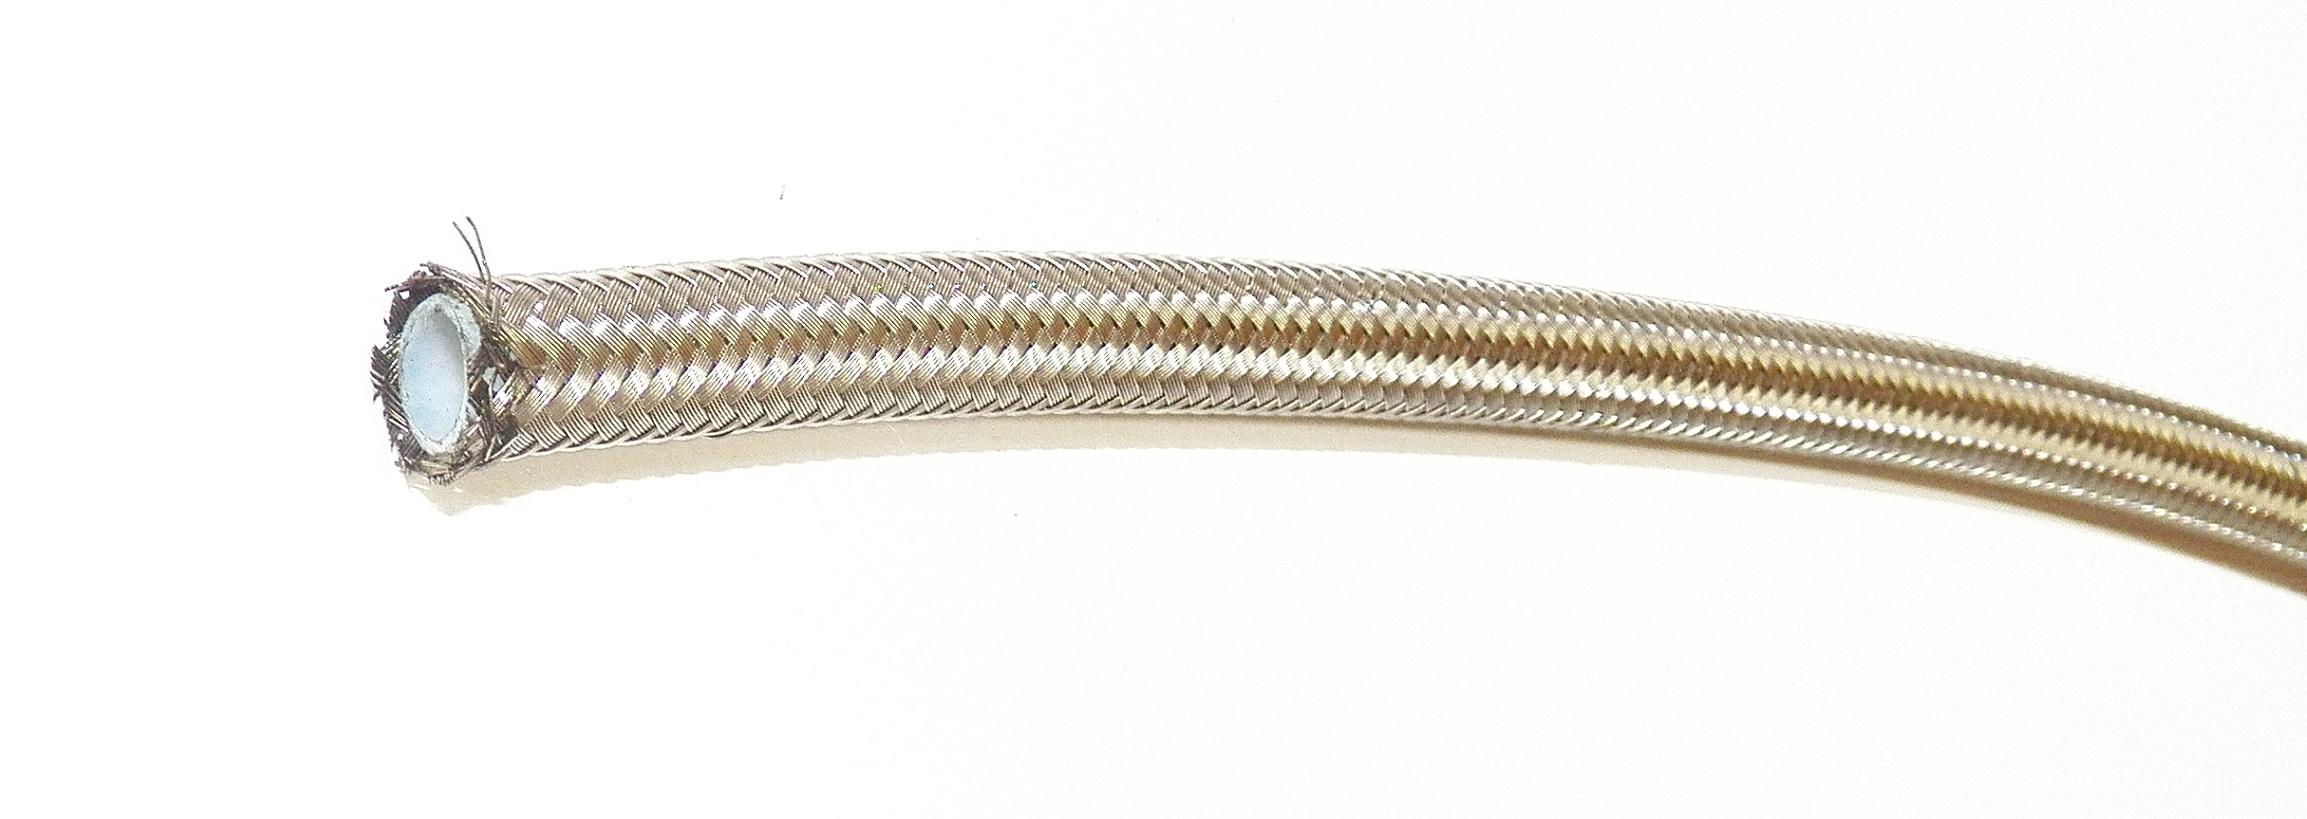 Рукав с гладким тефлоновым каналом PTFE 2 FHM